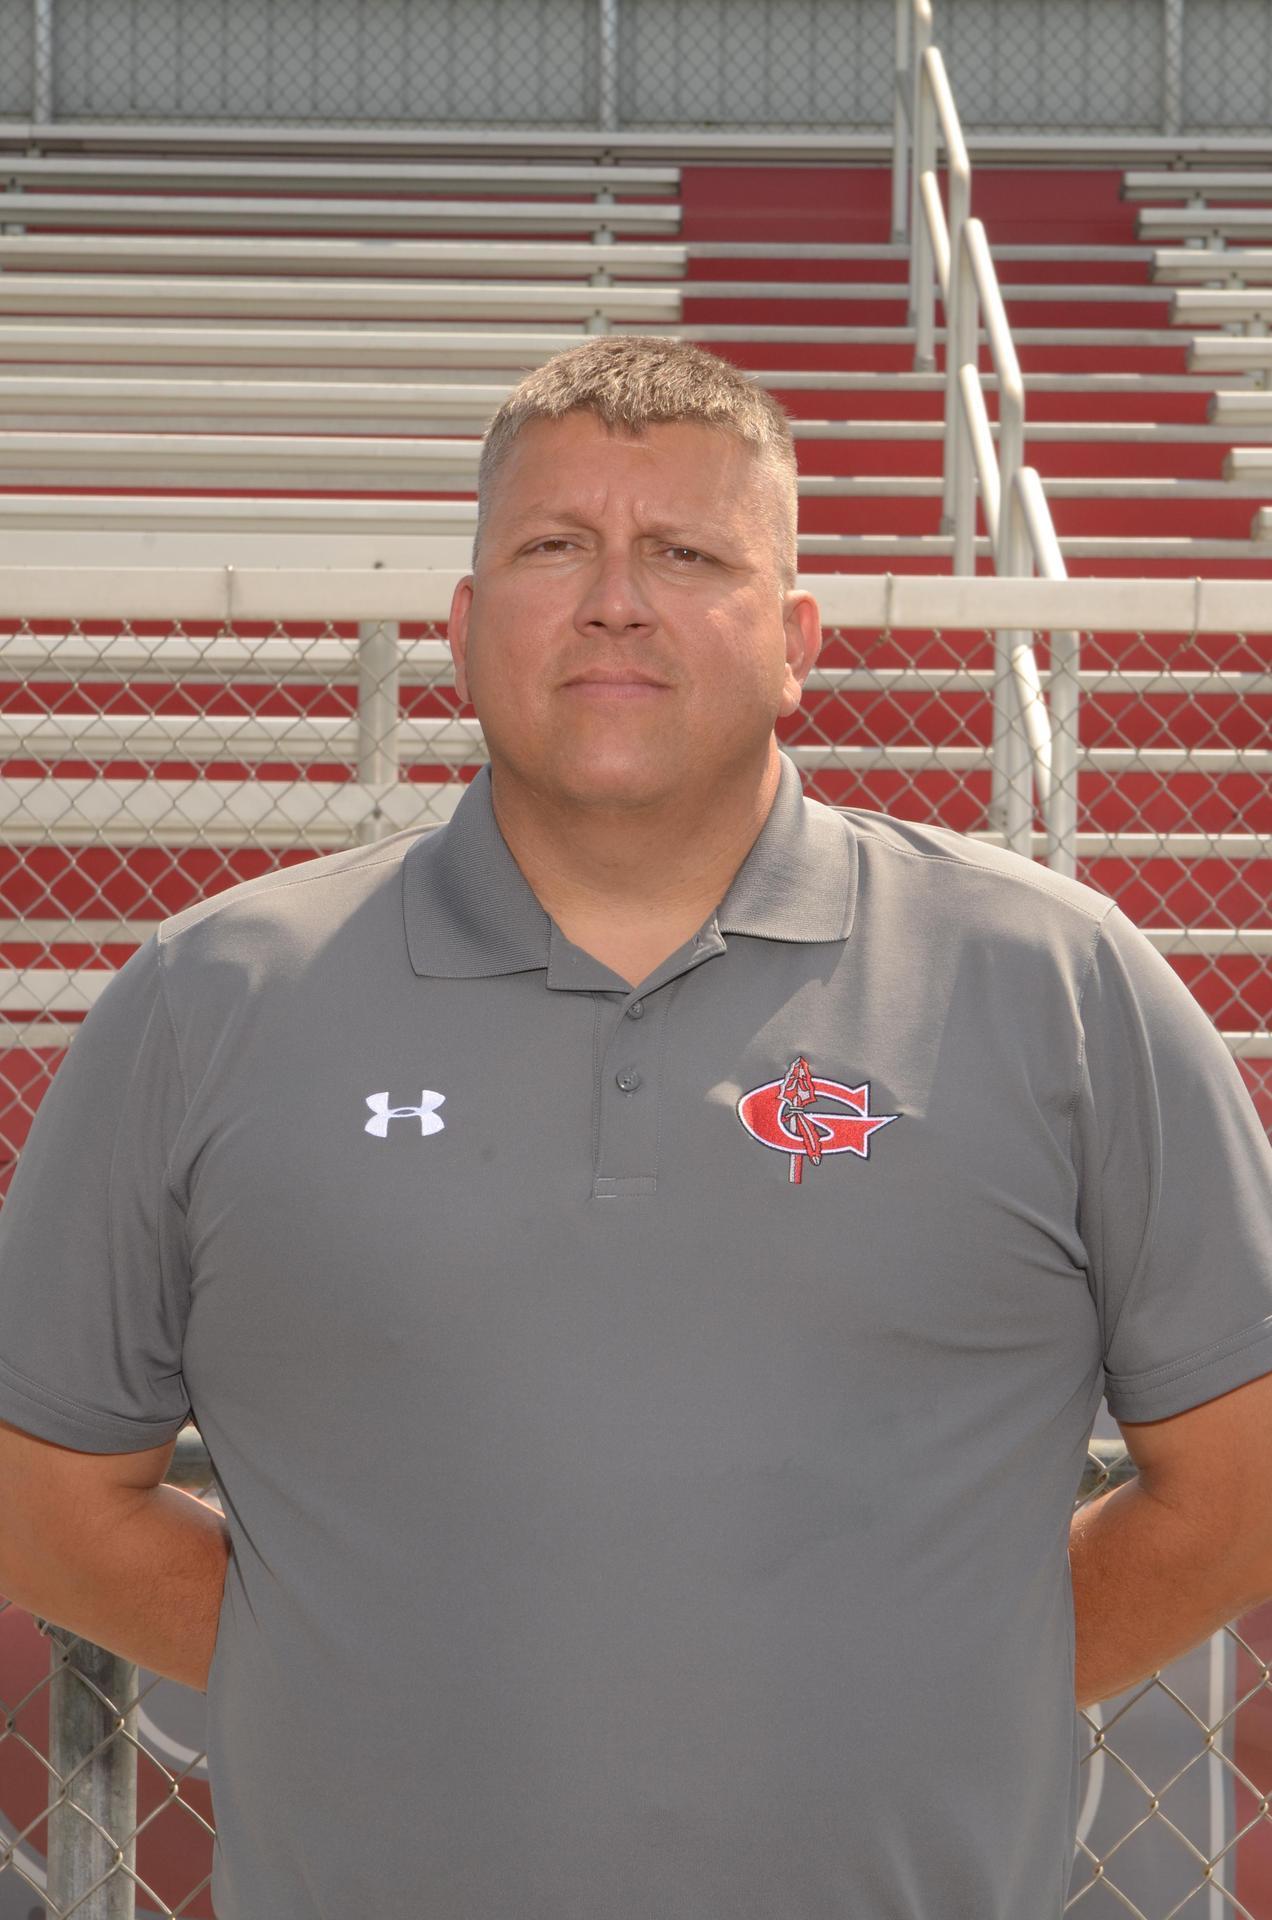 Coach Tuerck